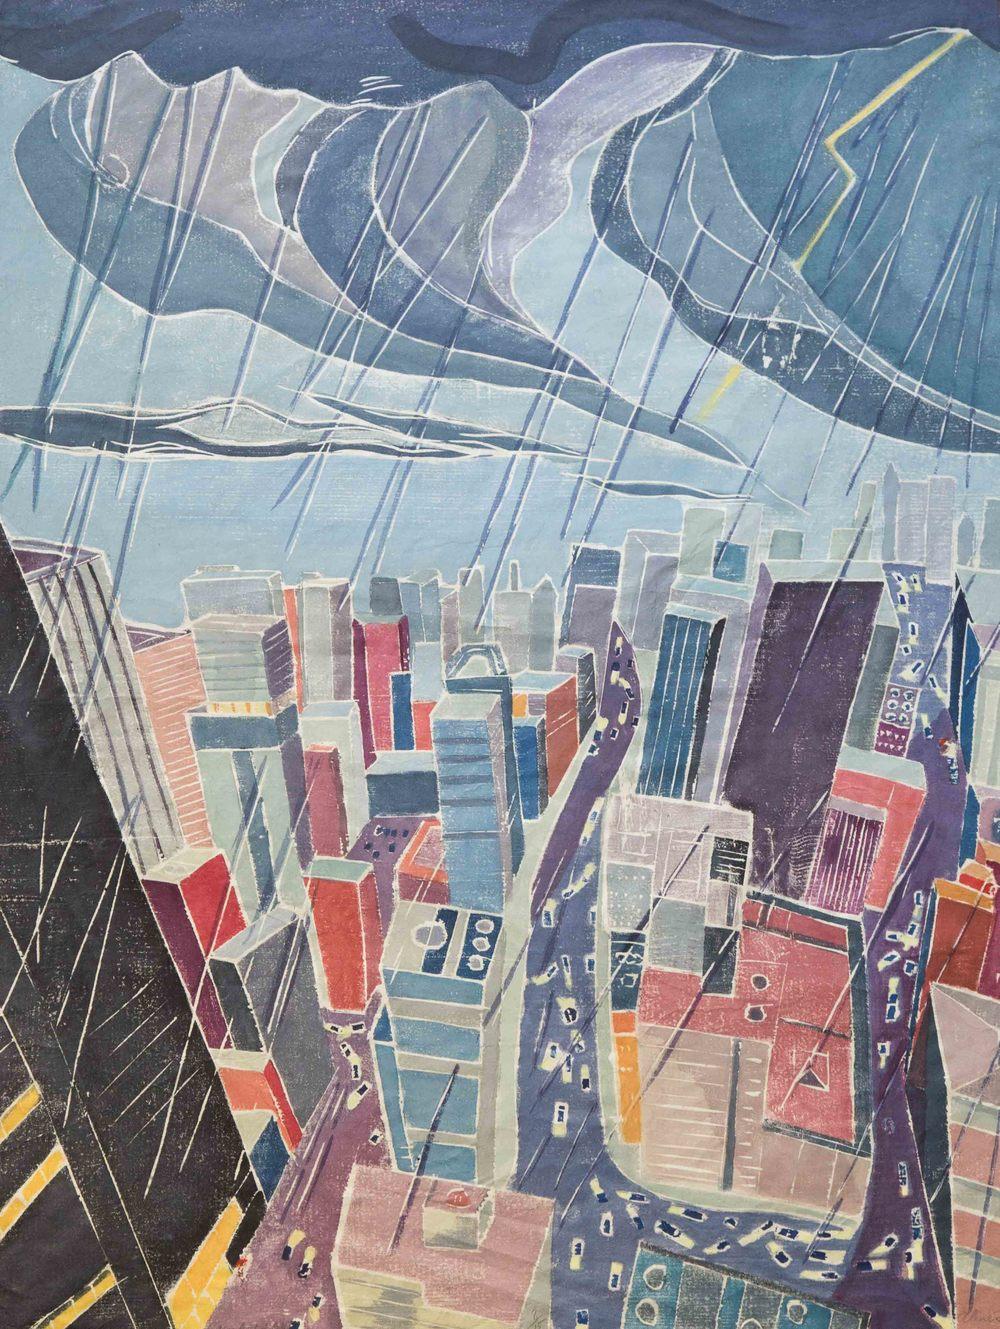 Rainheld City, Between Buildings 2, Wood Cut on Paper, 32 x 24